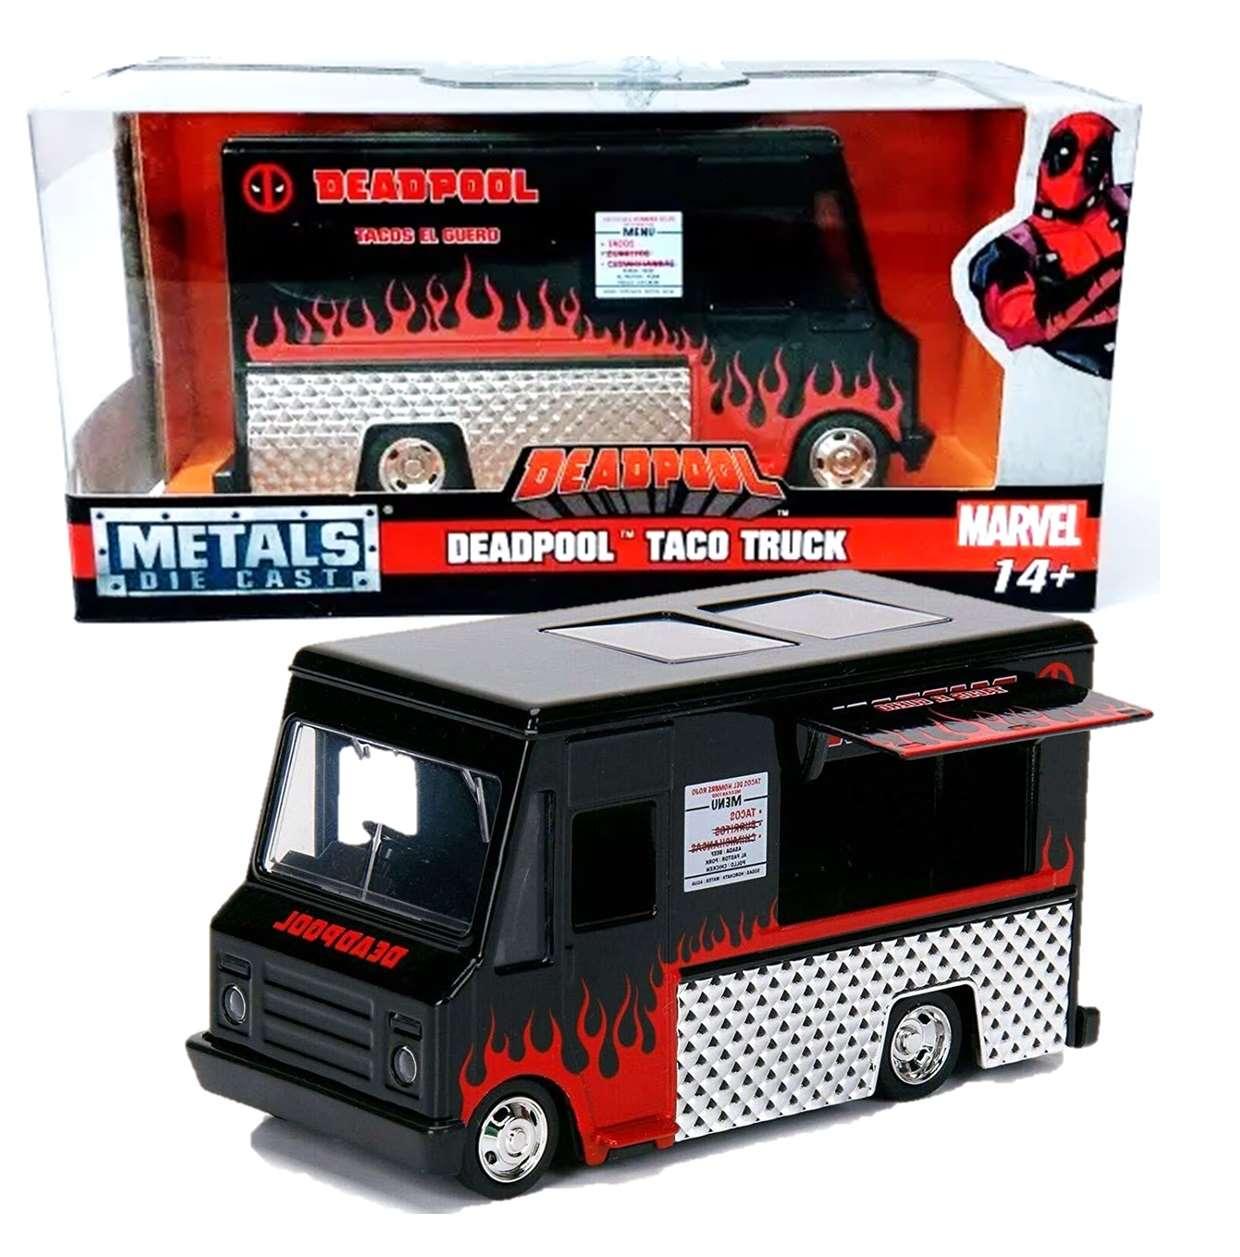 Deadpool Taco Truck Marvel Metal Die Cast Jada Toys